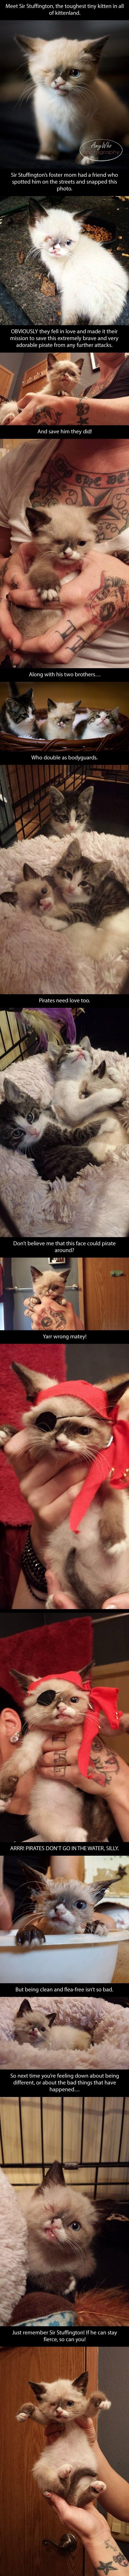 So cute. Pirate cat.